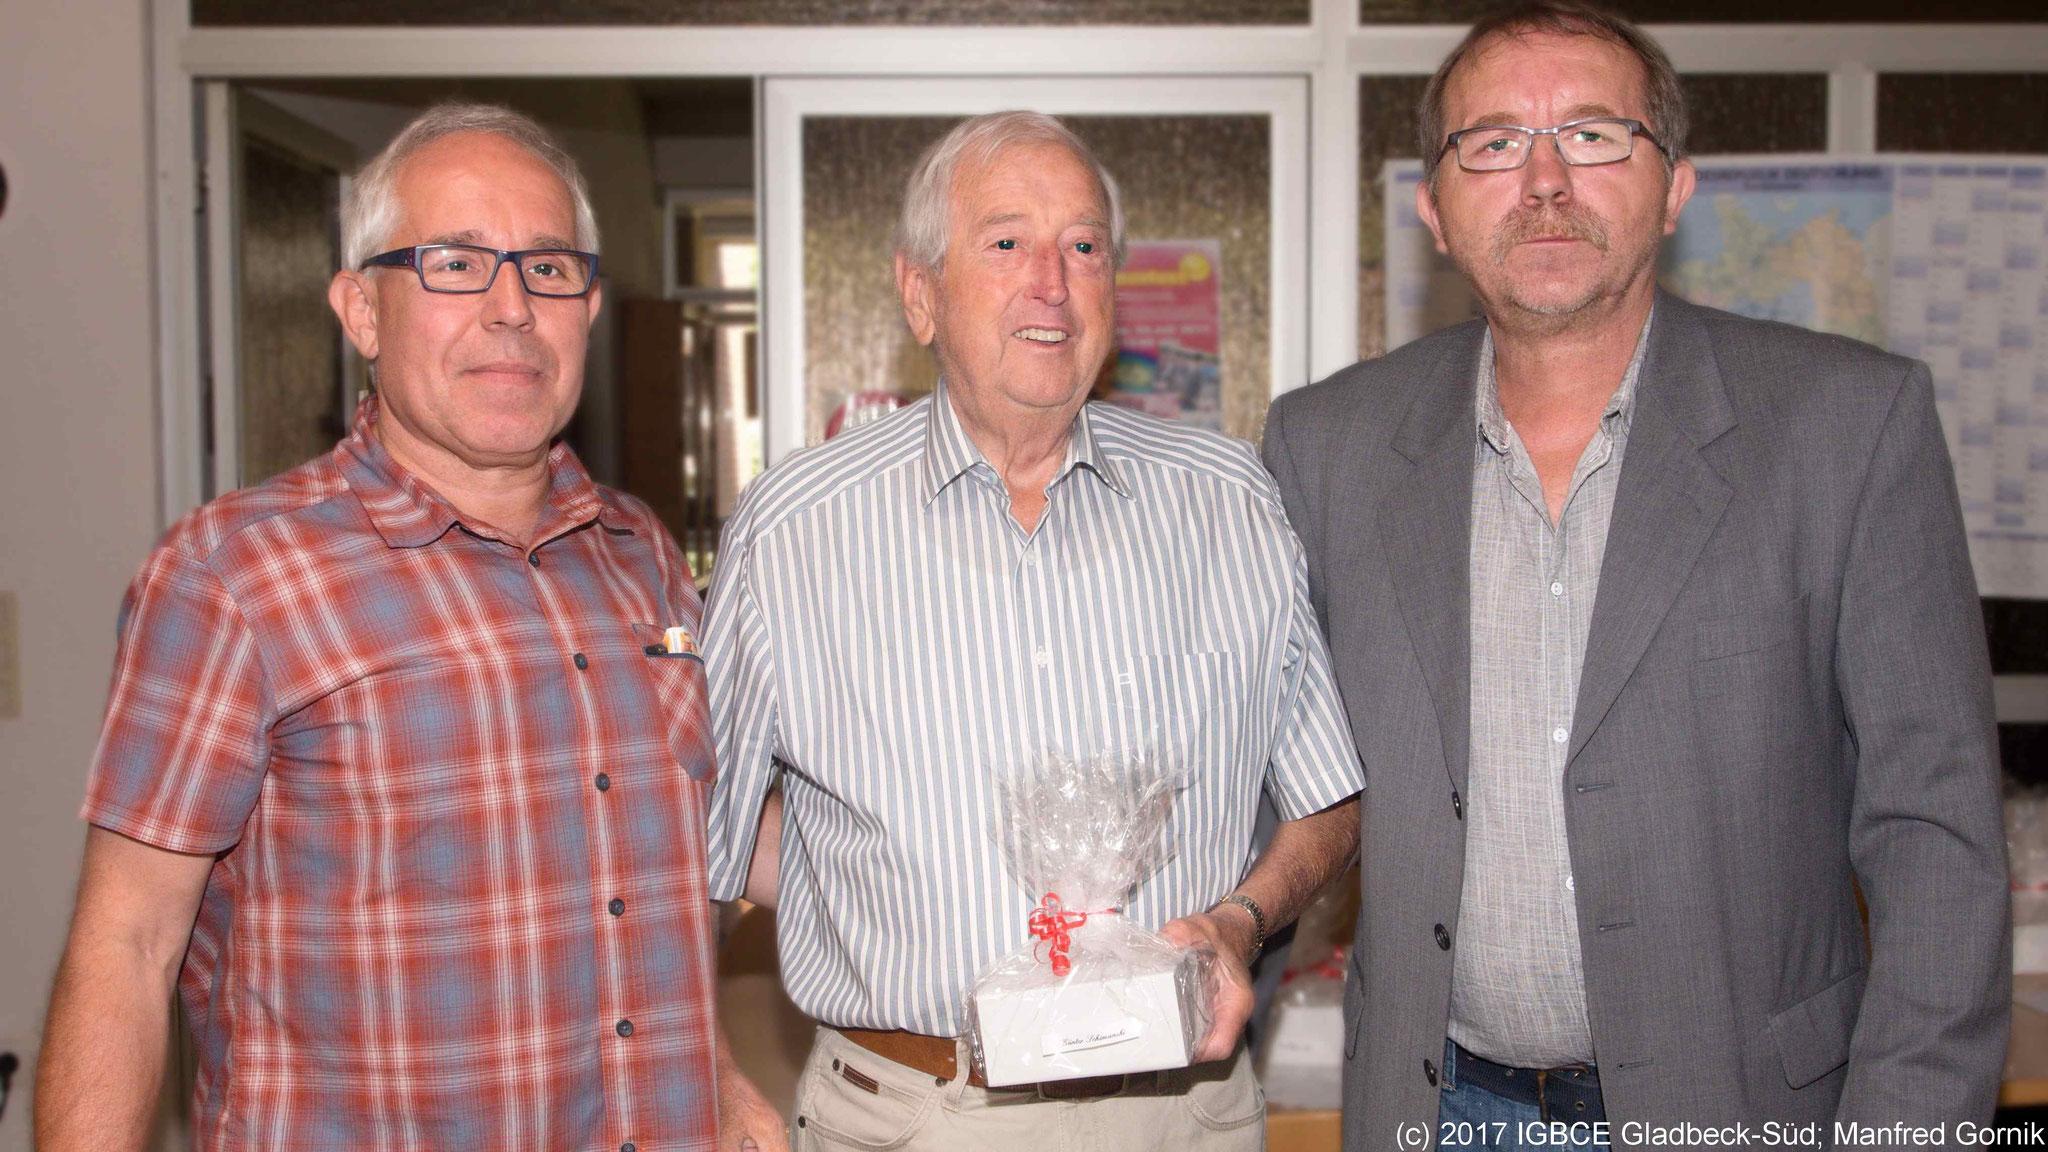 Von links : Wolfgang Sobottka; Günter Schimanski ( 70 Jahre), Joachim Praetsch (1 Vorsitzender Ortsgruppe Gladbeck-Süd)